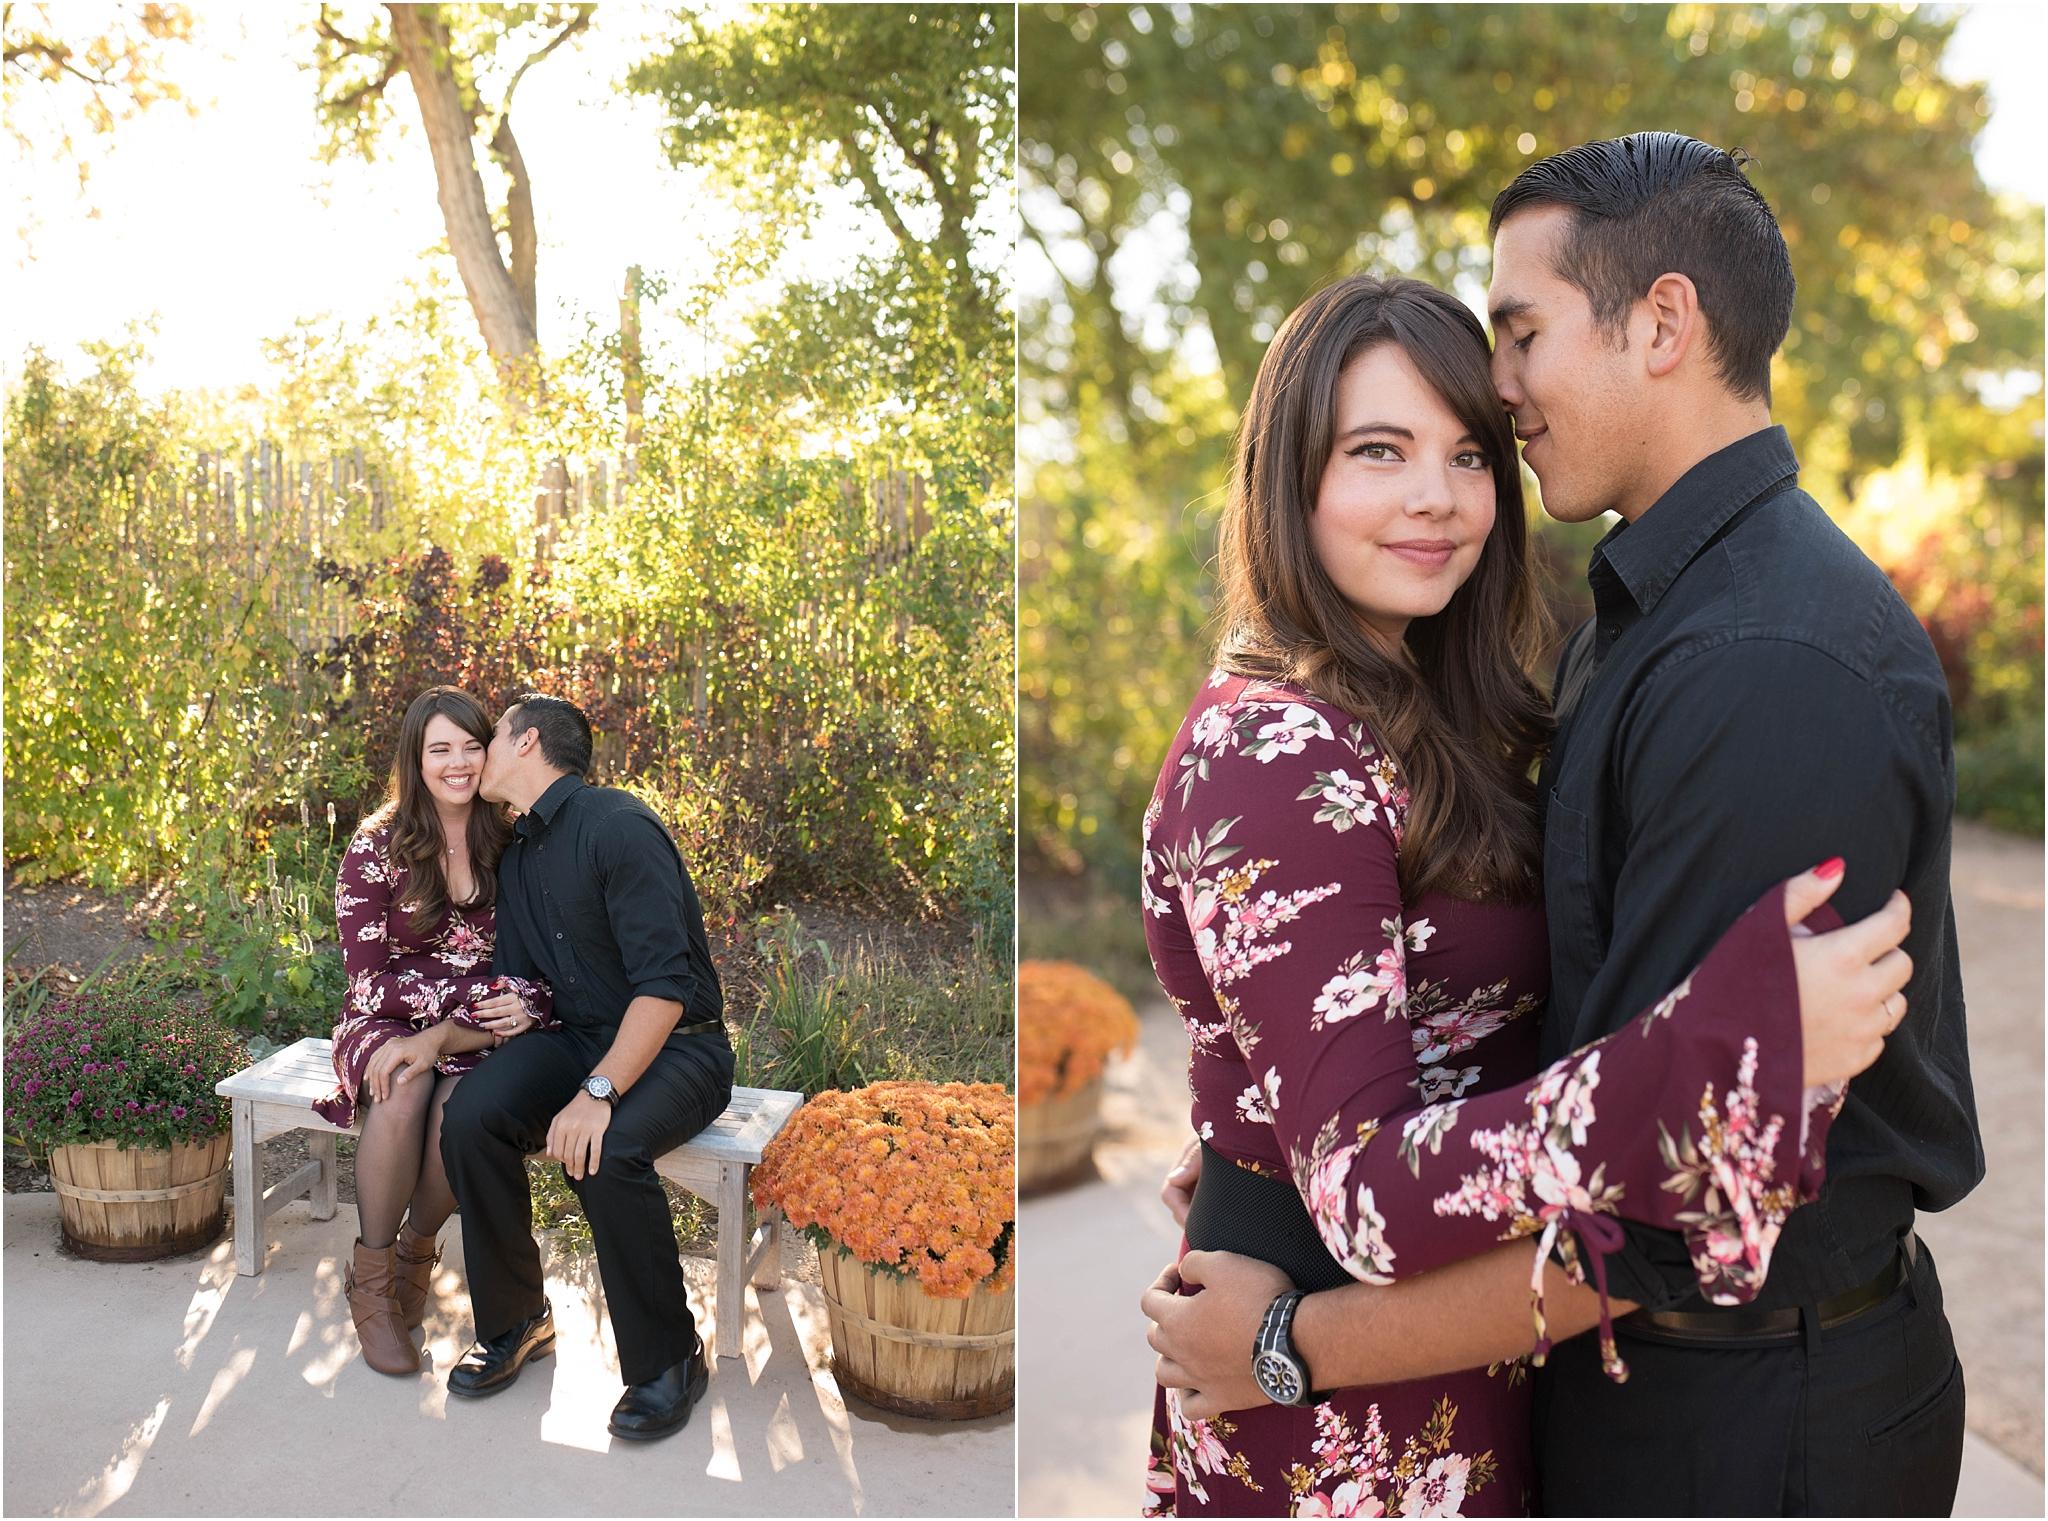 kayla kitts photography - new mexico wedding photographer - albuquerque botanic gardens - hotel albuquerque_0059.jpg